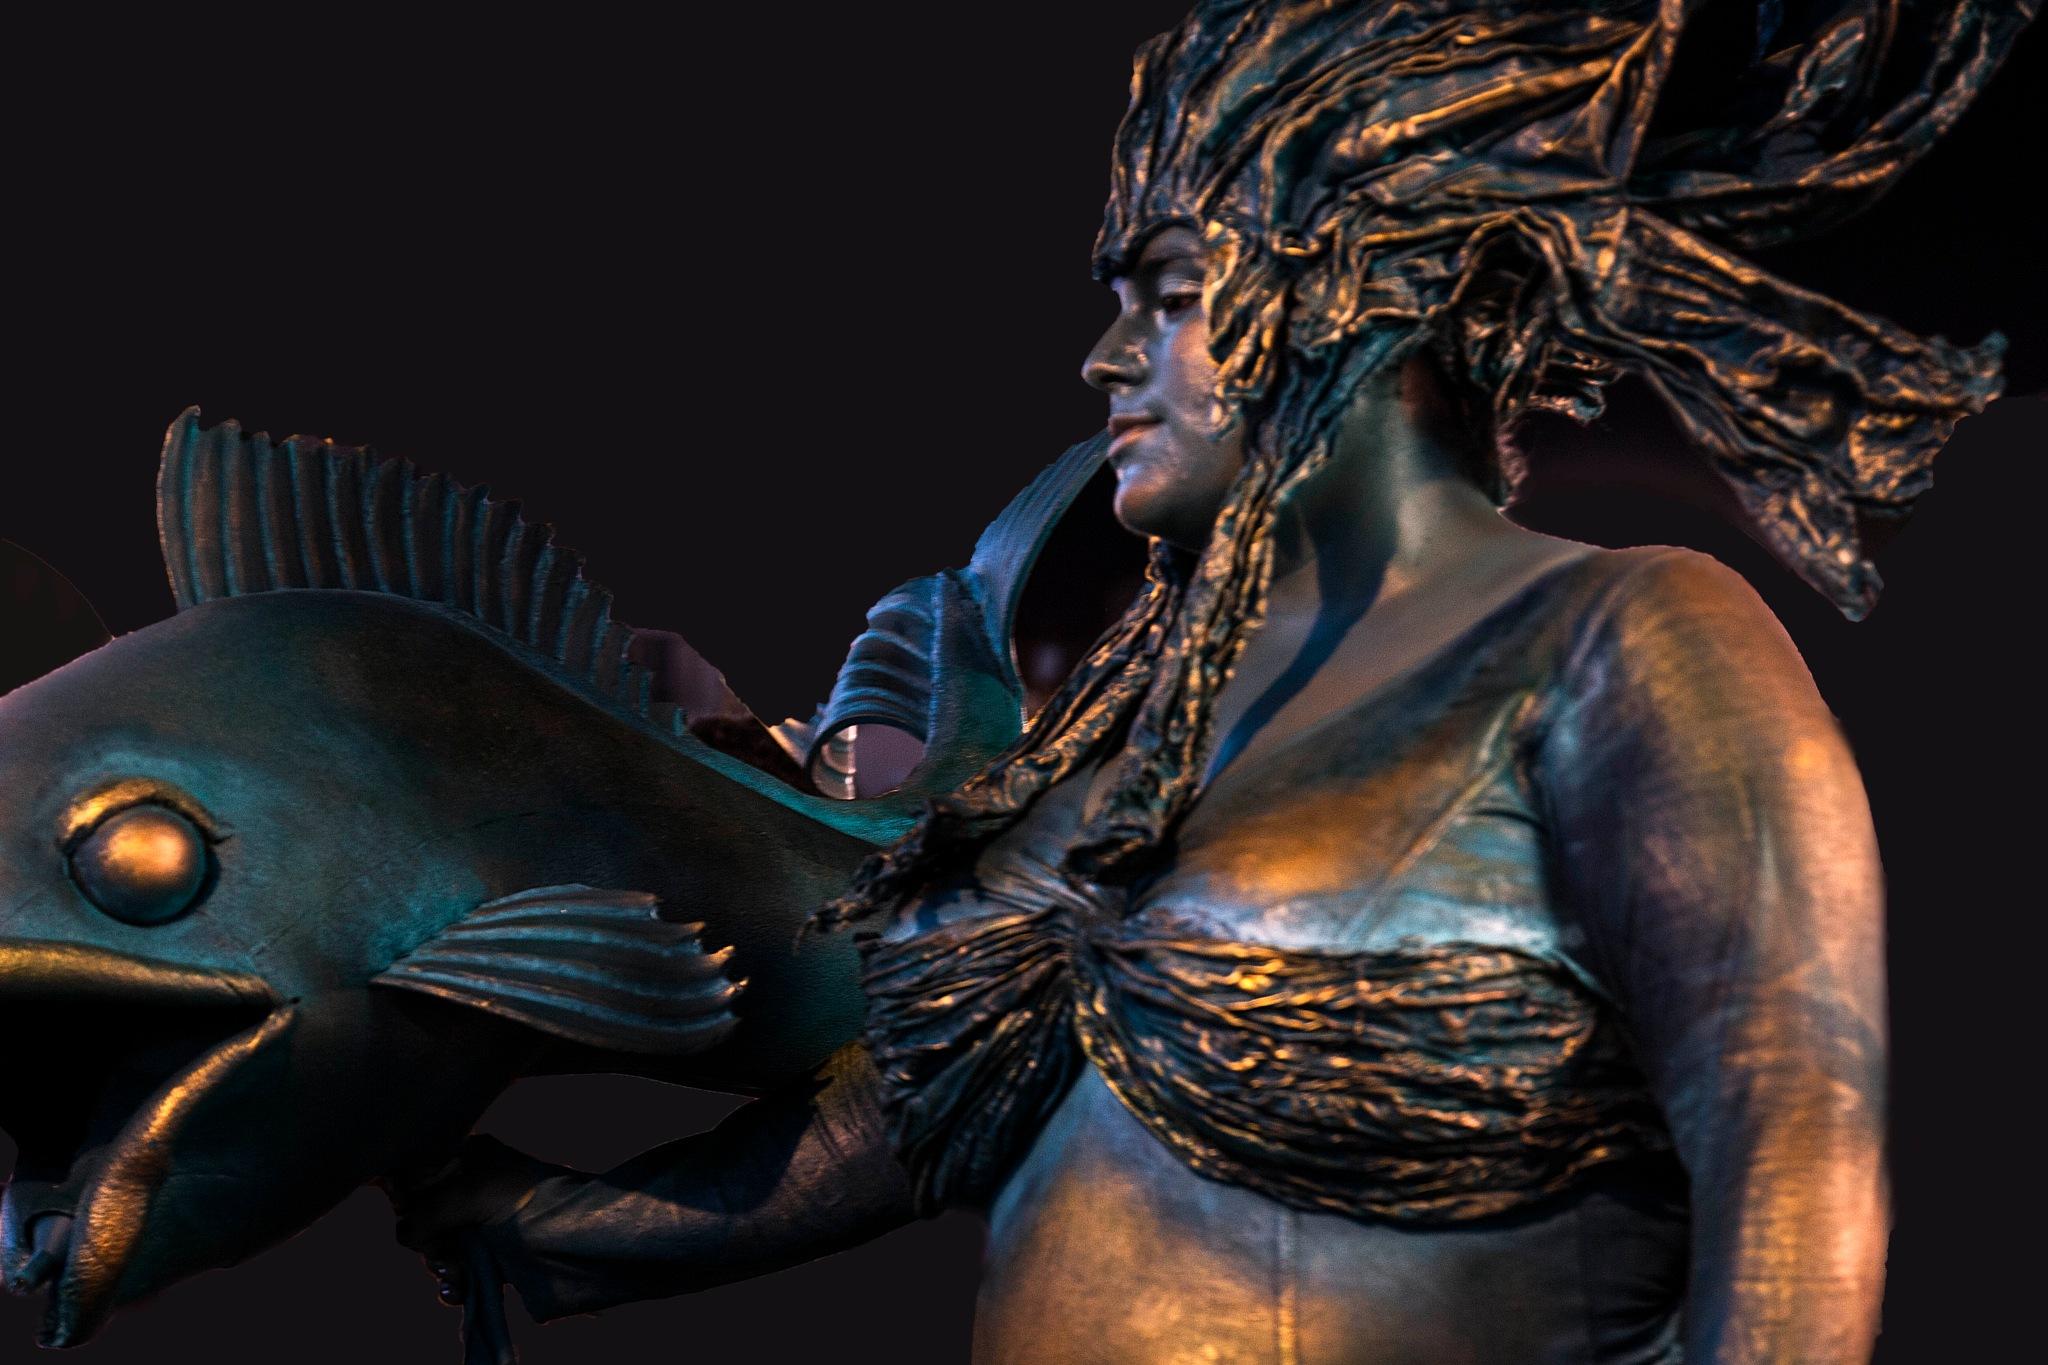 Festival Human Statues by Rebecca Danieli